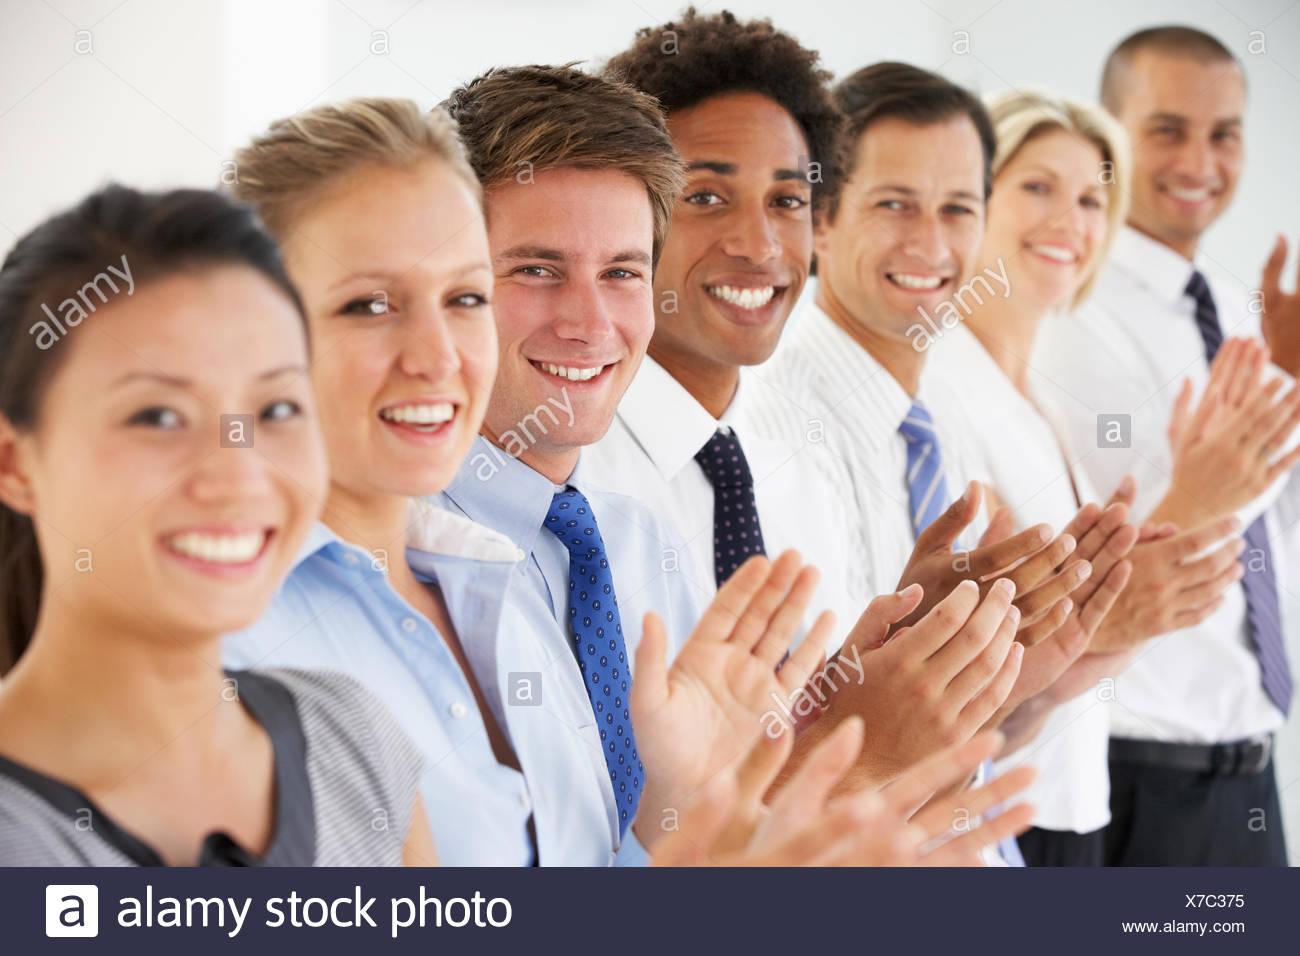 Línea de feliz y positiva en la empresa personas aplaudiendo Imagen De Stock